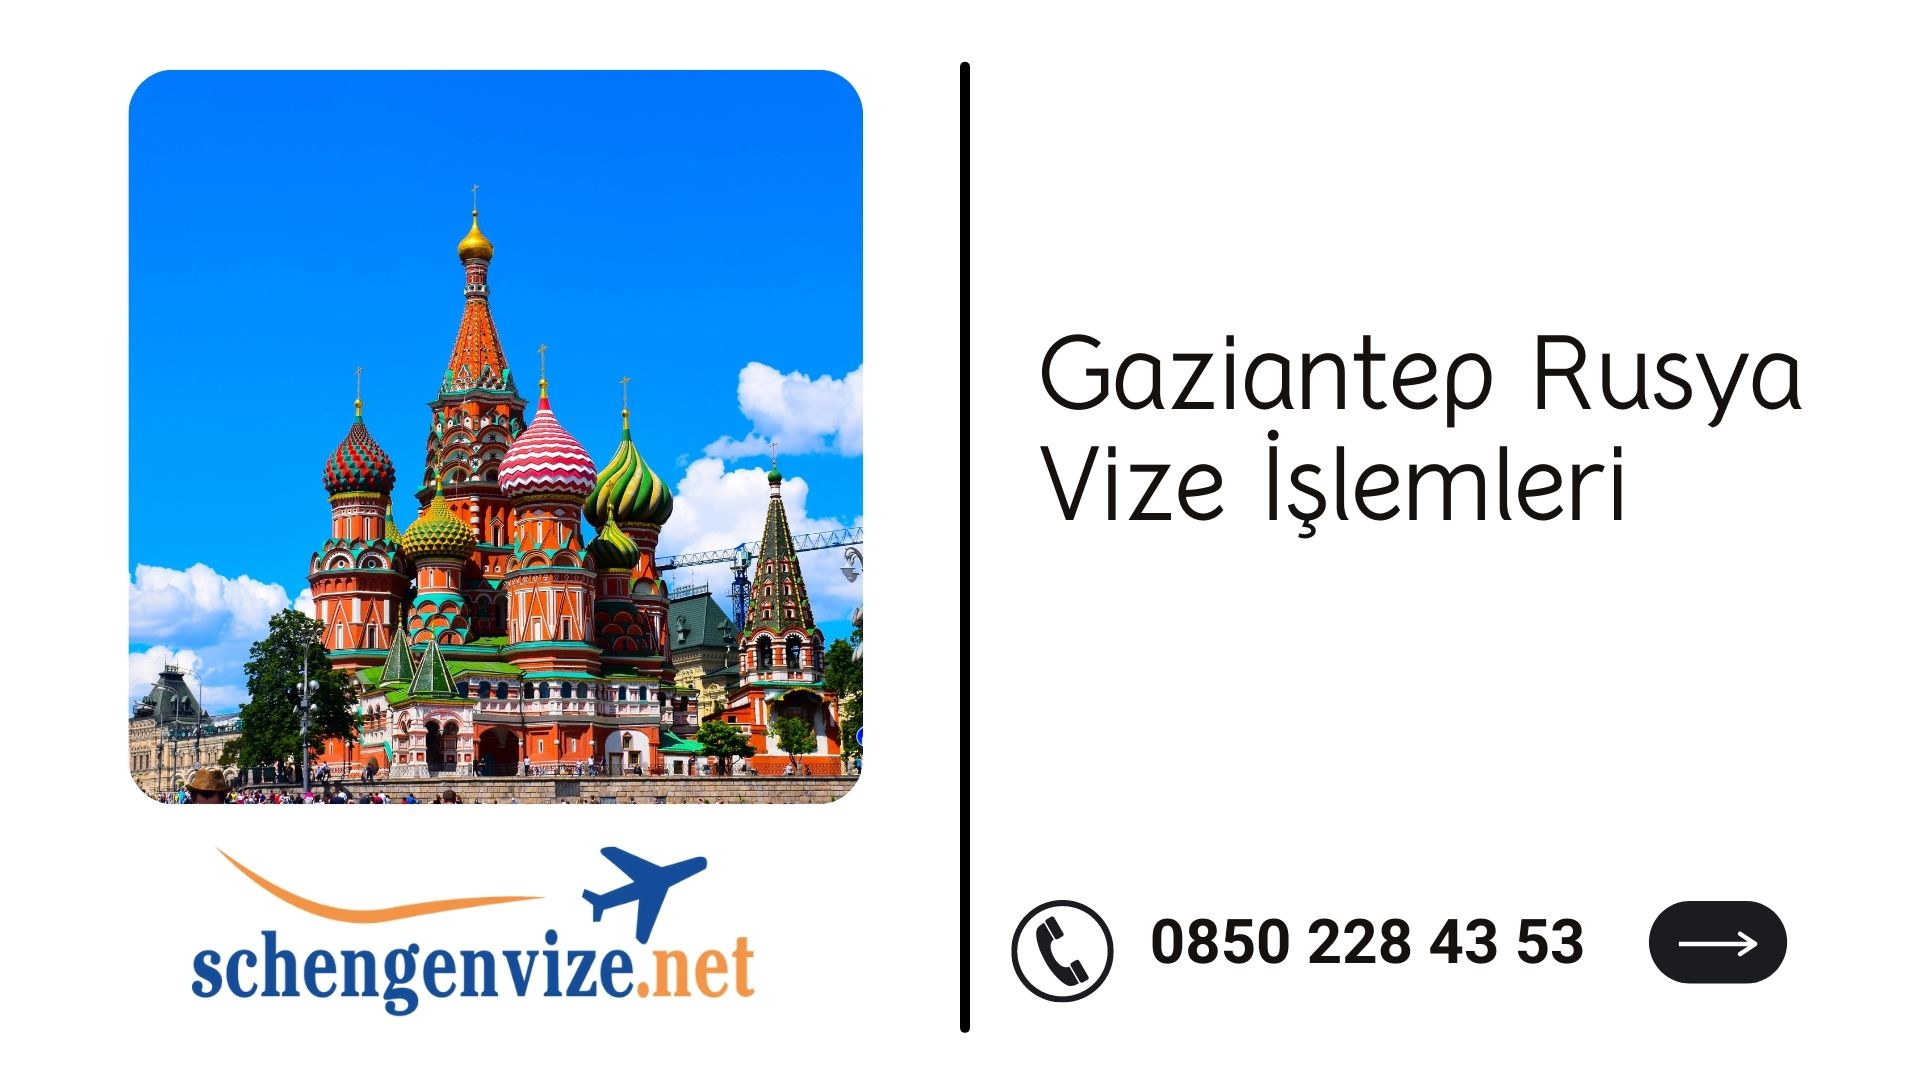 Gaziantep Rusya Vize İşlemleri